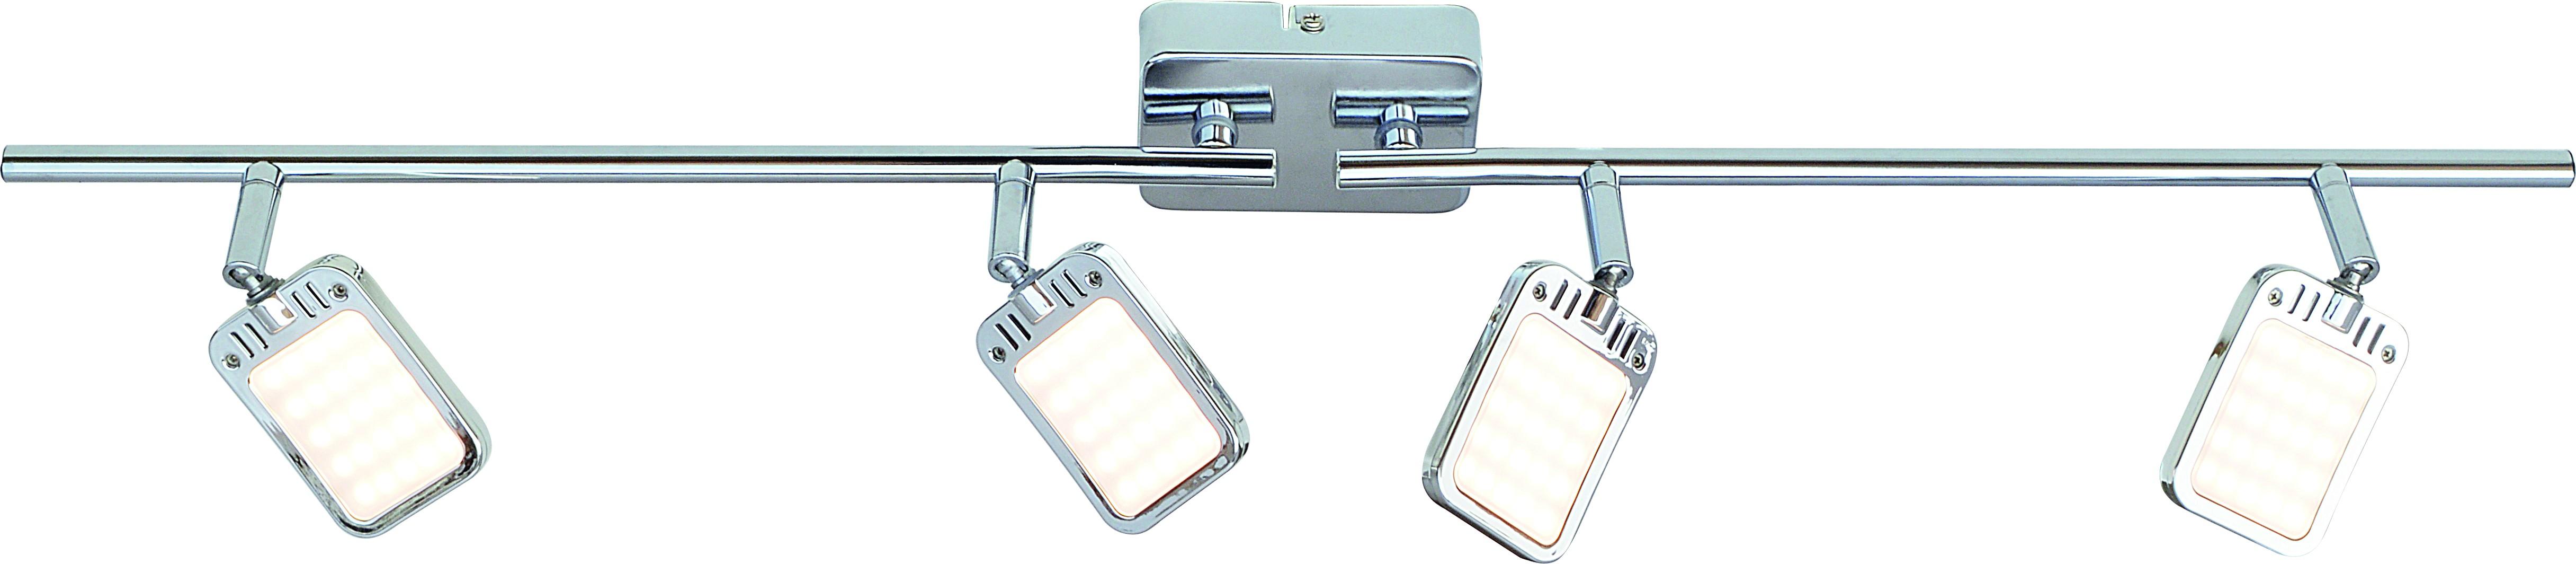 Спот Arte lamp A9412pl-4cc arte lamp rampa a9412pl 4cc